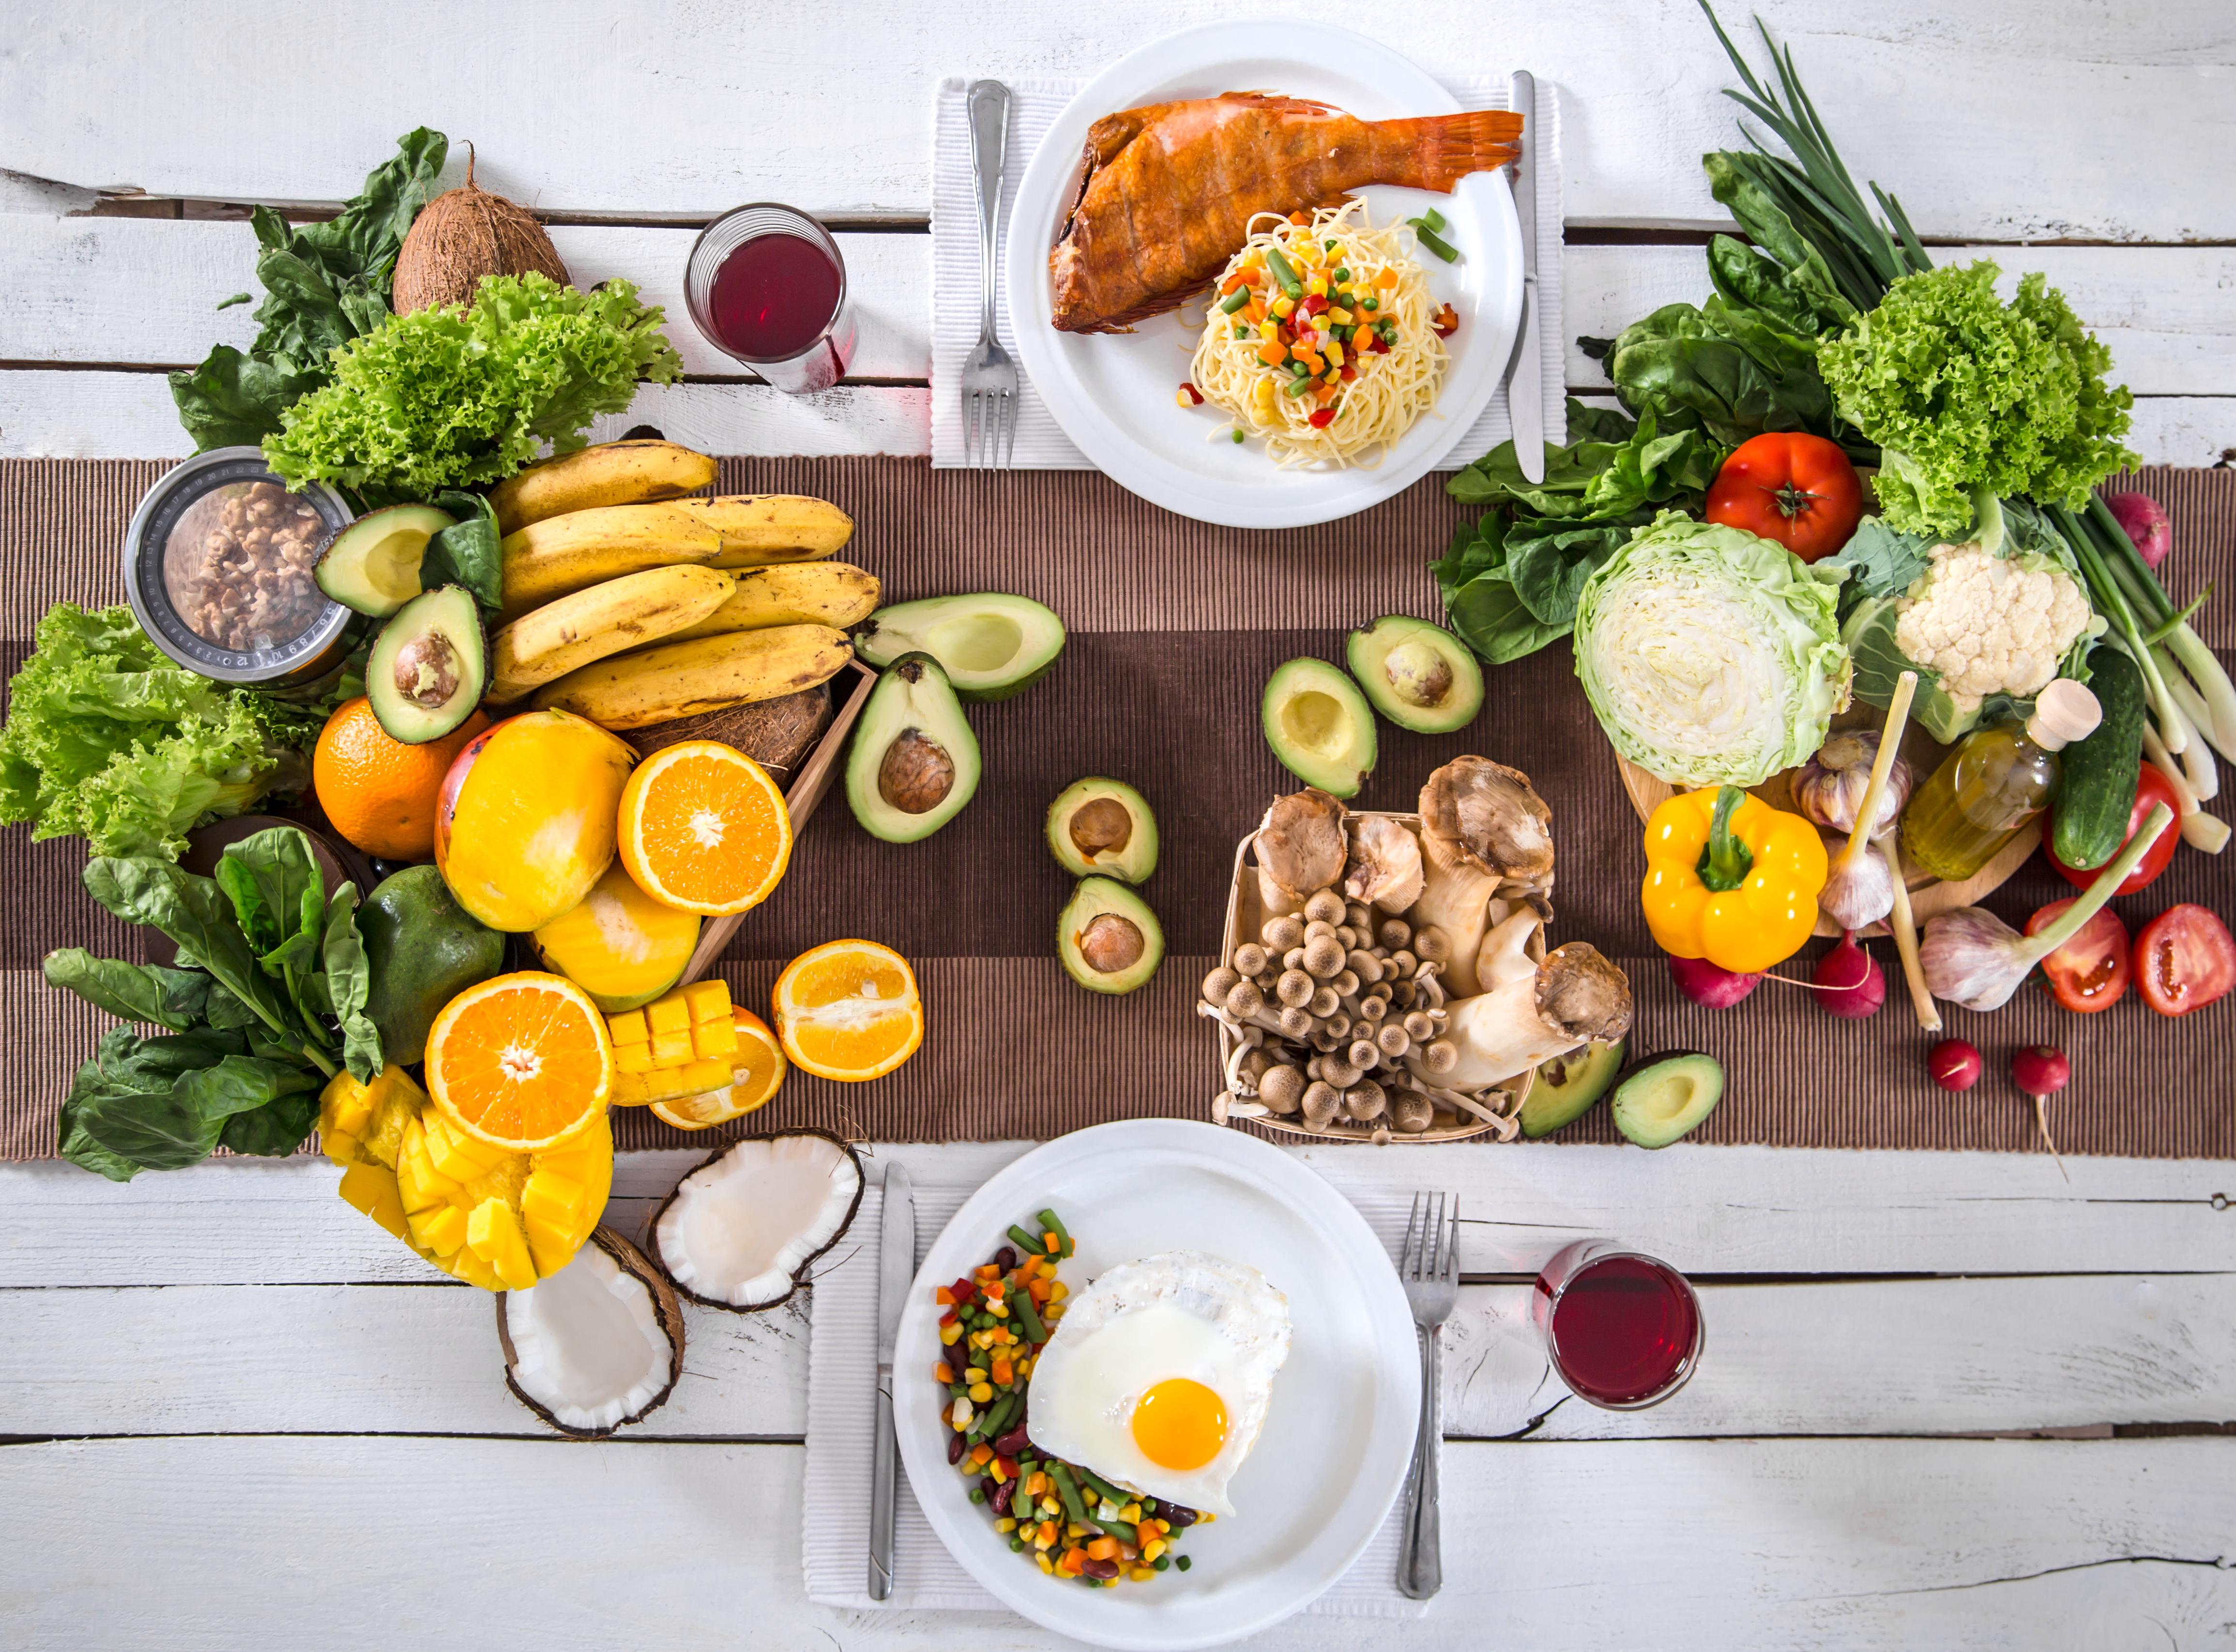 Veja as 3 dicas de como se alimentar de forma saudável!